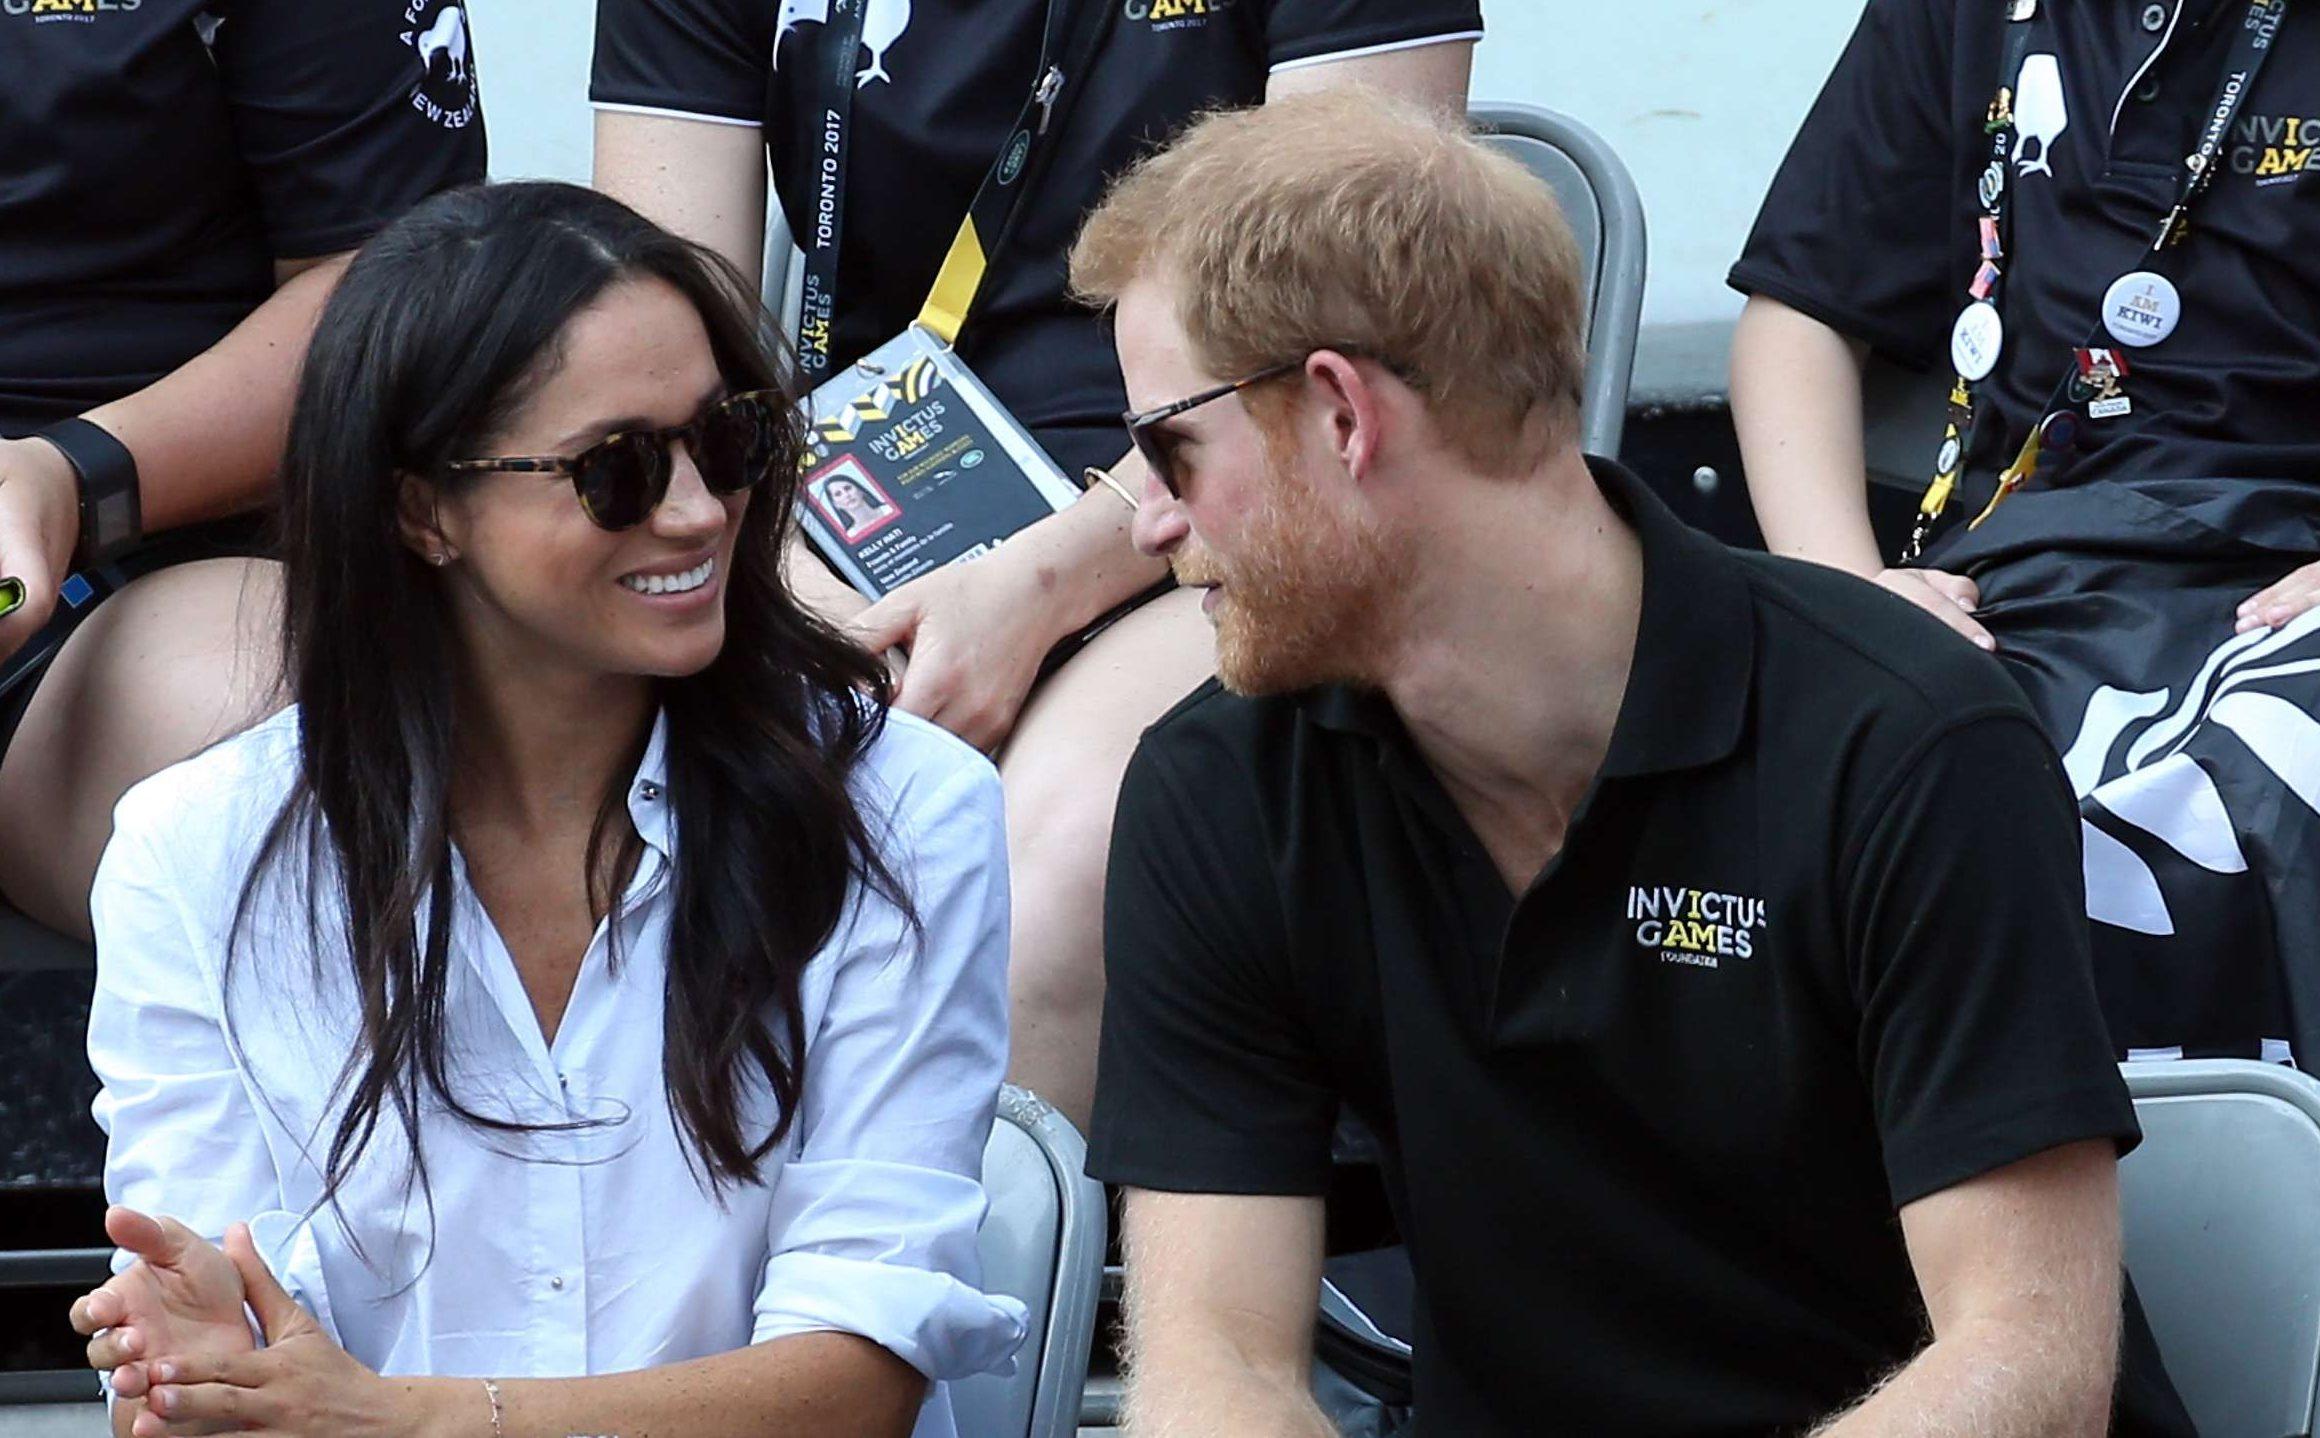 El príncipe Harry y Meghan Markle en los Juegos Invictus de Toronto de 2017.